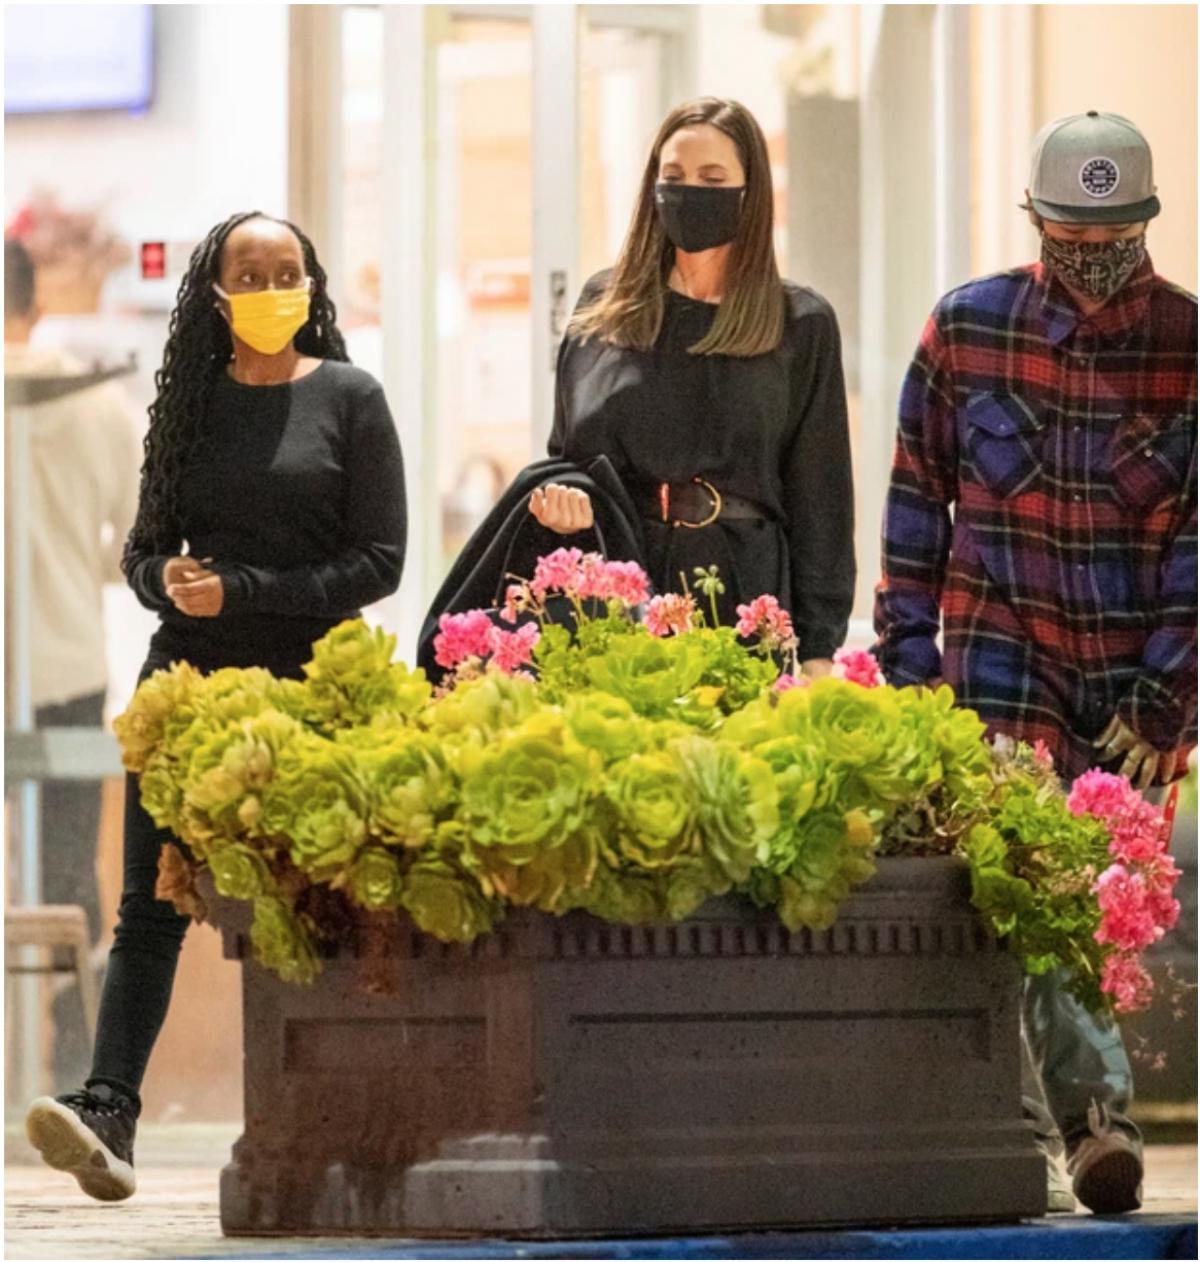 Angelina Jolie vừa được các tay săn ảnh bắt được khoảnh khắc cùng hai con là Pax Thiên và Zahara tới nhà hàng Sushi Park tại một trung tâm thương mại ở Sunset Boulevard tối thứ 22/4 vừa qua.